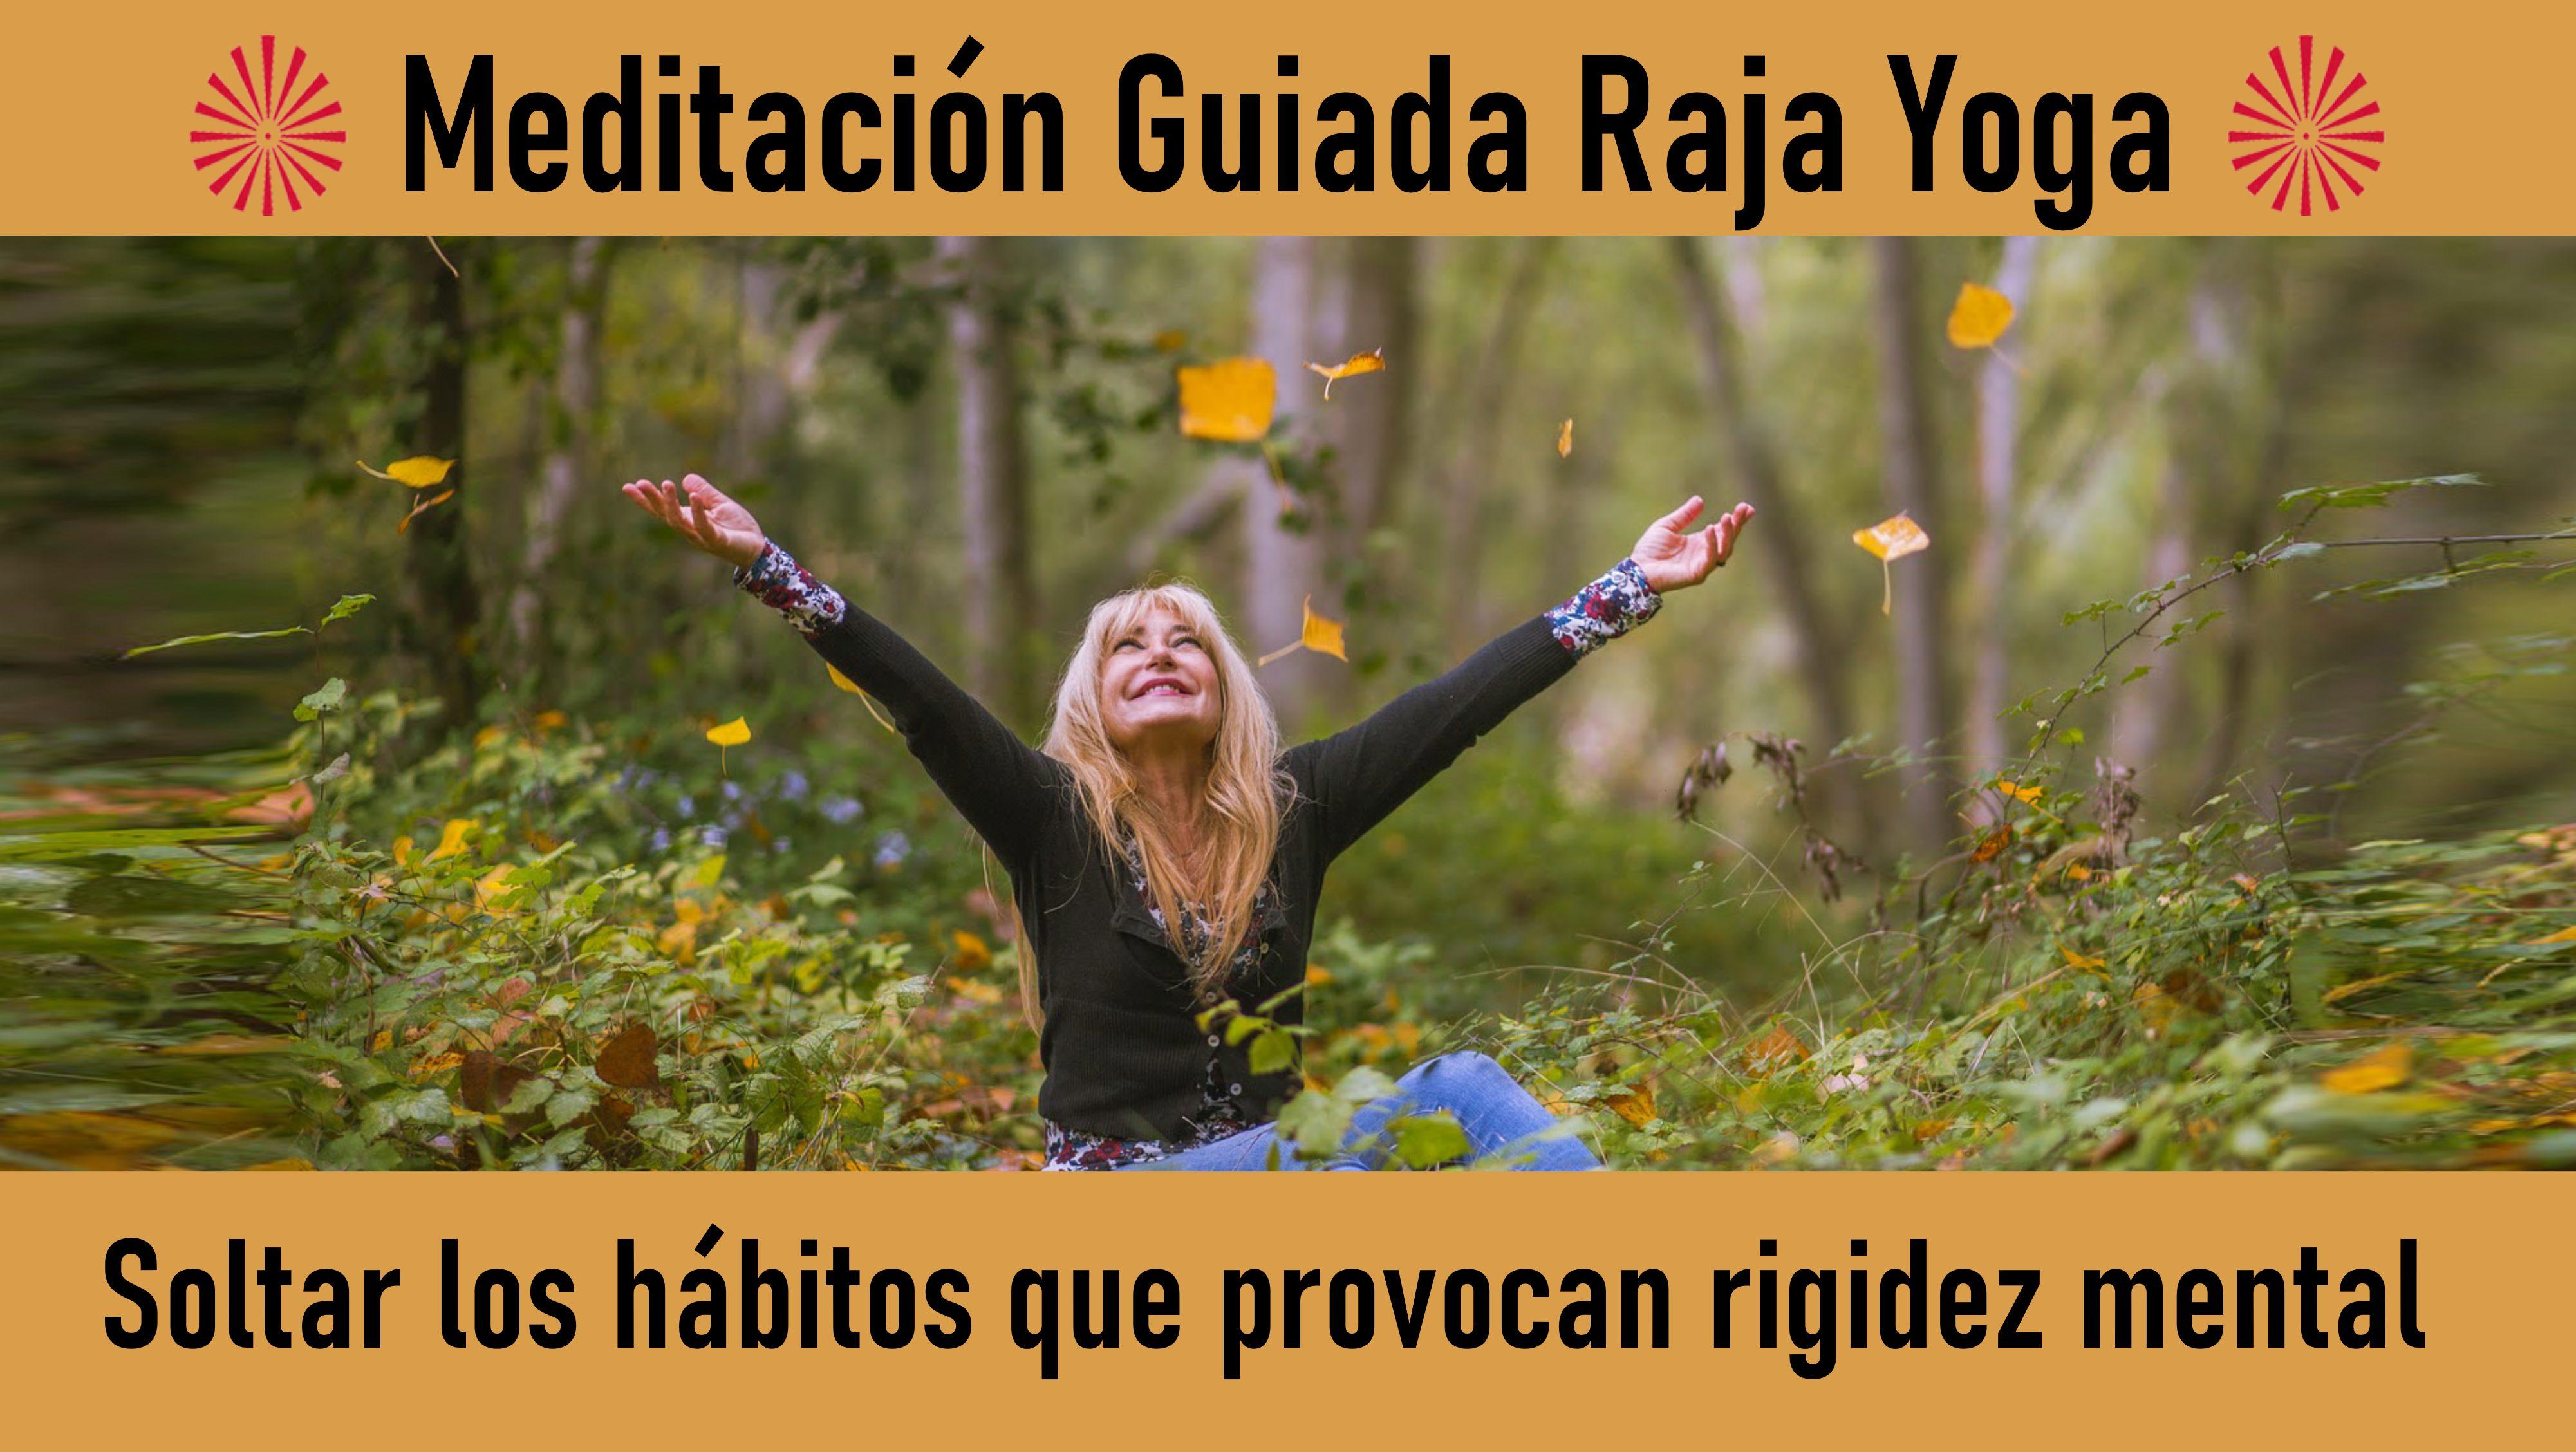 Meditación Raja Yoga: Soltar los hábitos que provocan rigidez mental (10 Julio 2020) On-line desde Sevilla